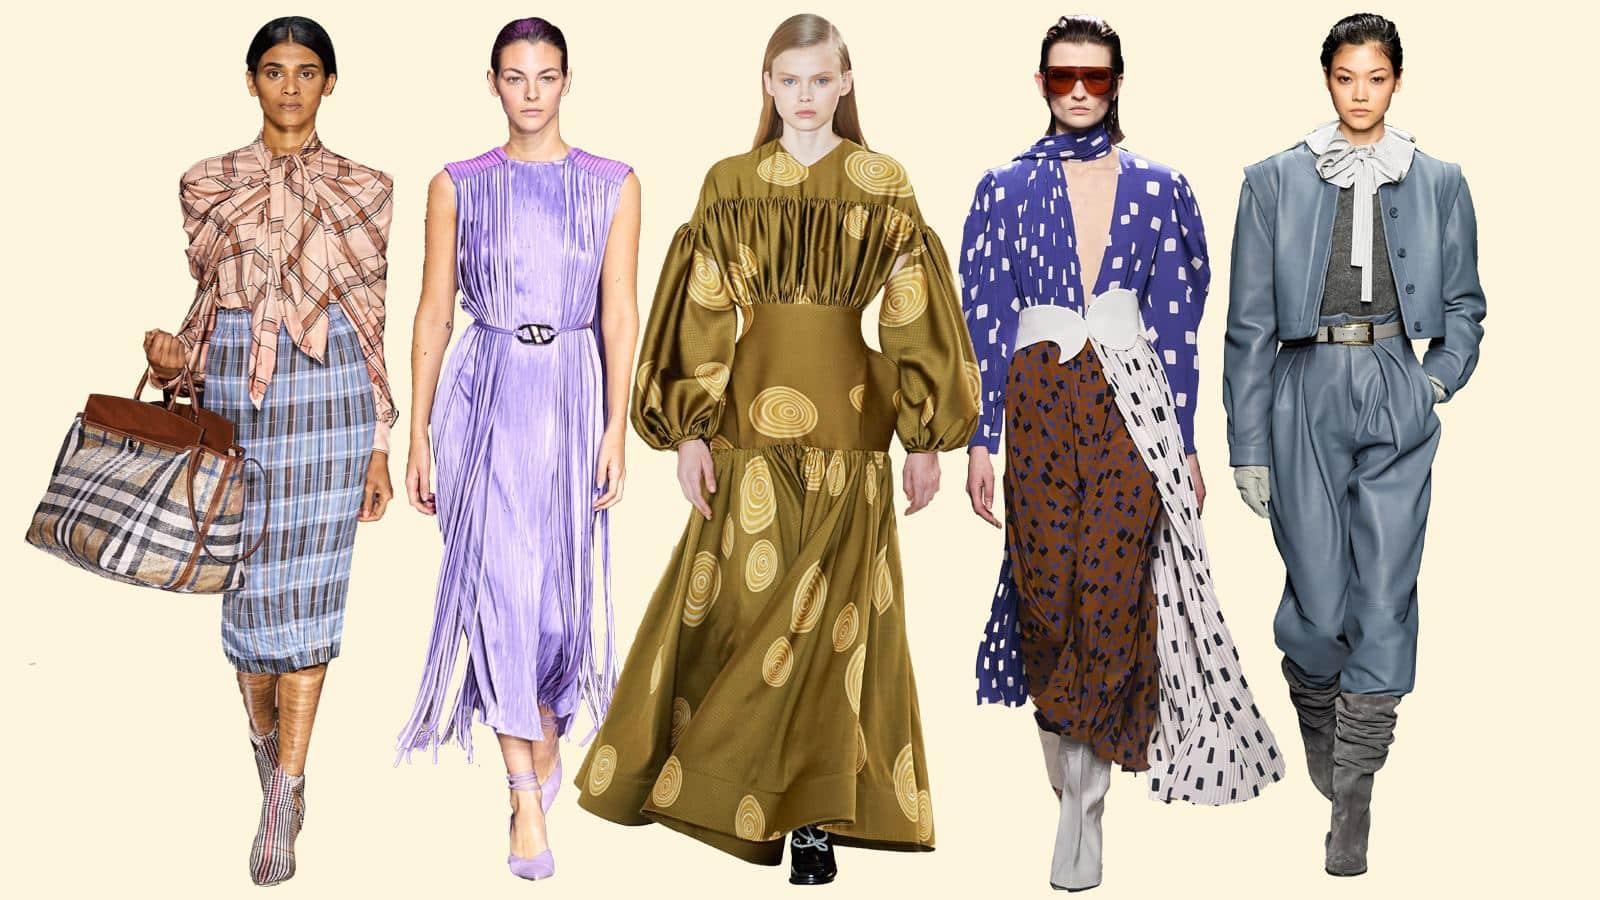 Top 5 xưởng bỏ sỉ quần áo giá rẻ tốt nhất bạn cần biết   List.vn